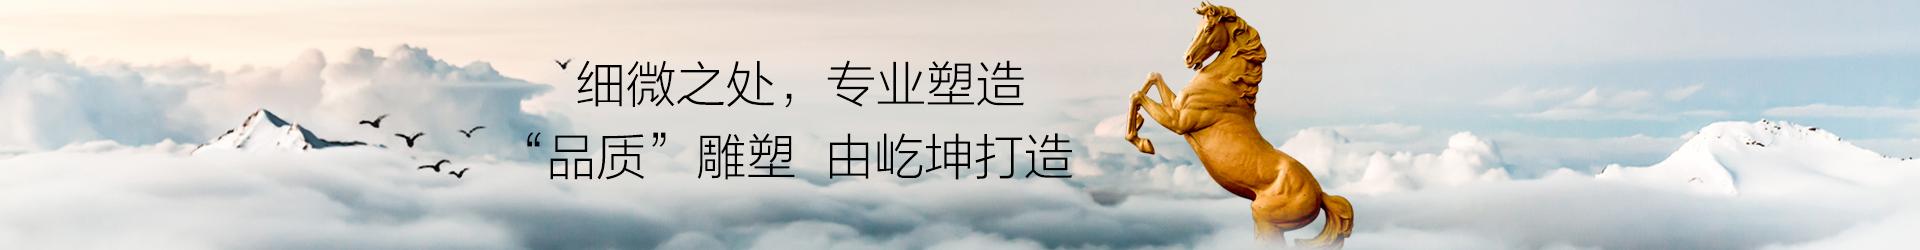 福州万博max手机客户端